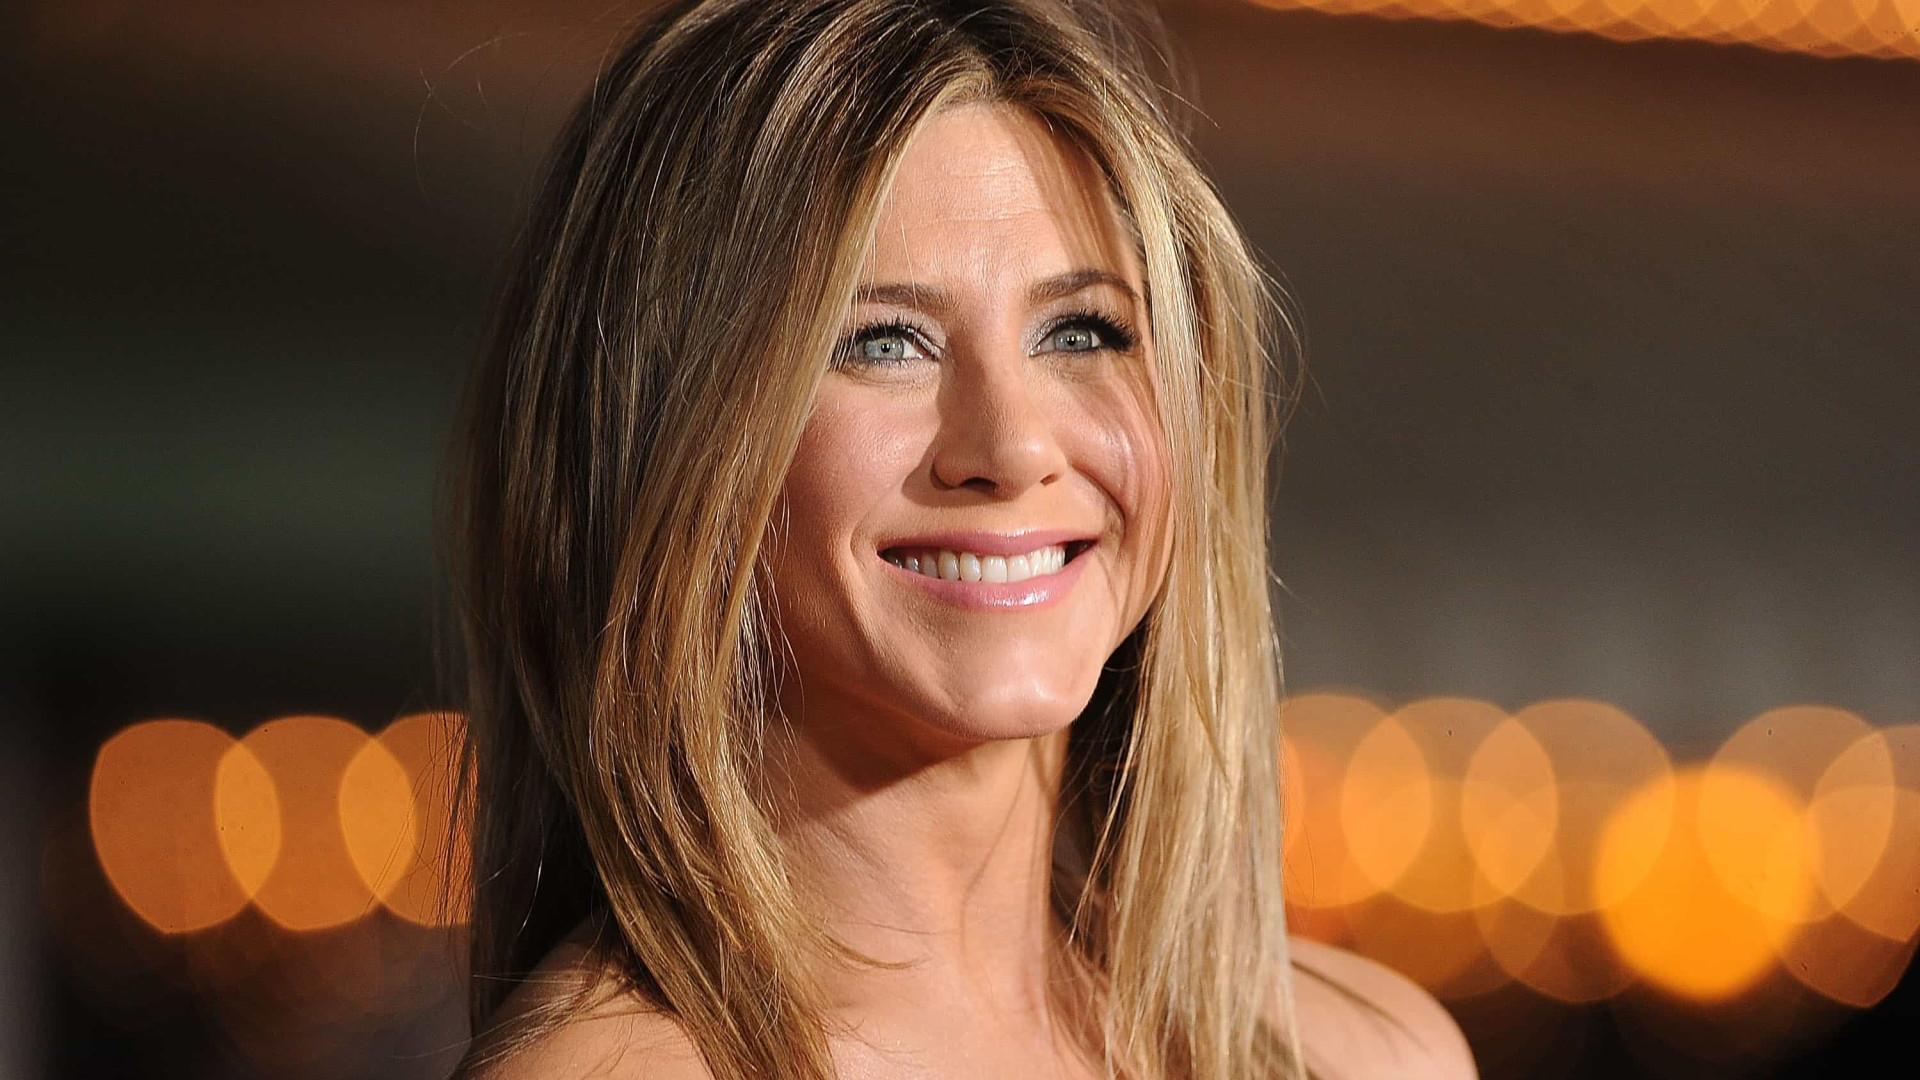 Jennifer Aniston cria perfil no Instagram com lembrança de 'Friends'